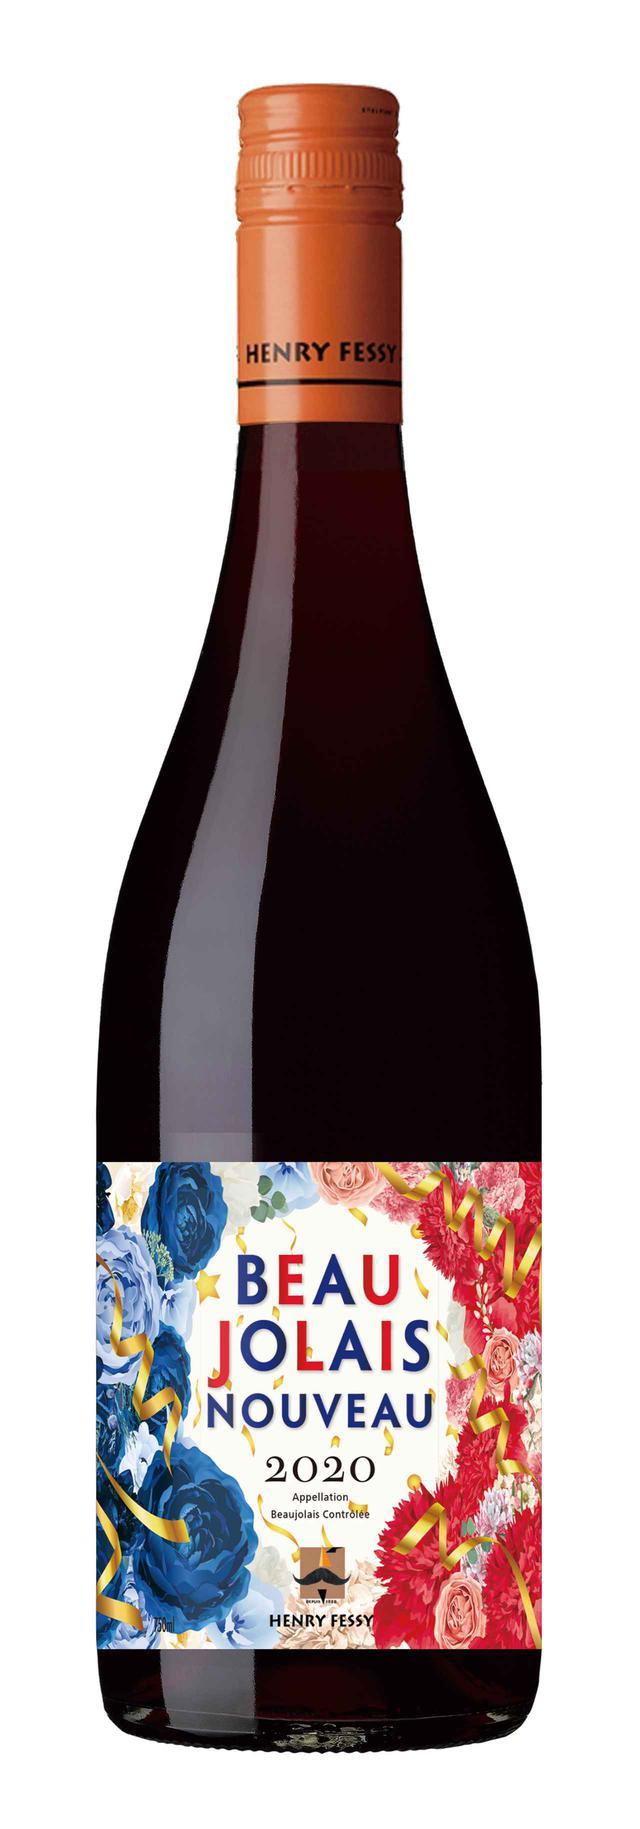 画像: 『アンリ・フェッシ・ボージョレ・ヌーヴォ 2020年』 希望小売価格:2250円 輸入元:アサヒビール